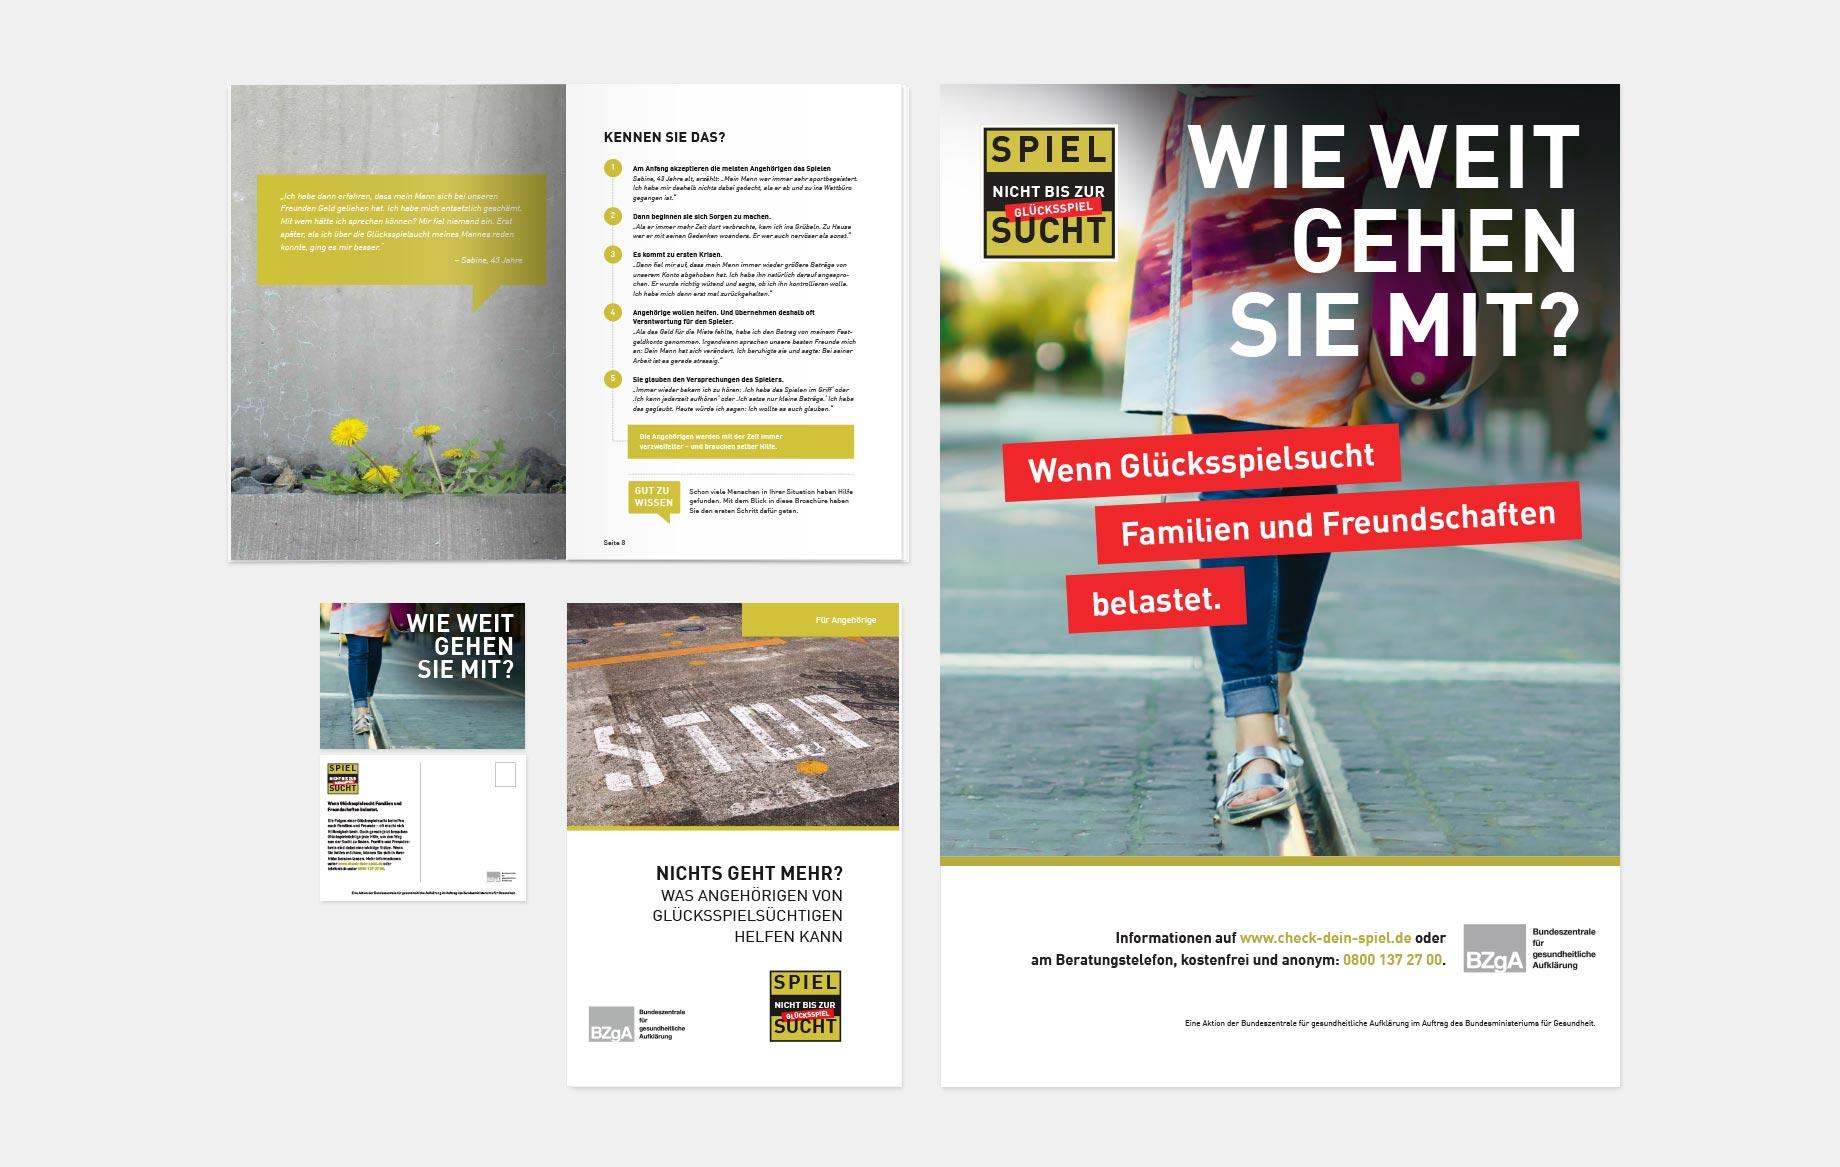 Ungewöhnliche Text-Bild-Kombinationen auf den Titelseiten der Broschüren erhöhen die Aufmerksamkeit